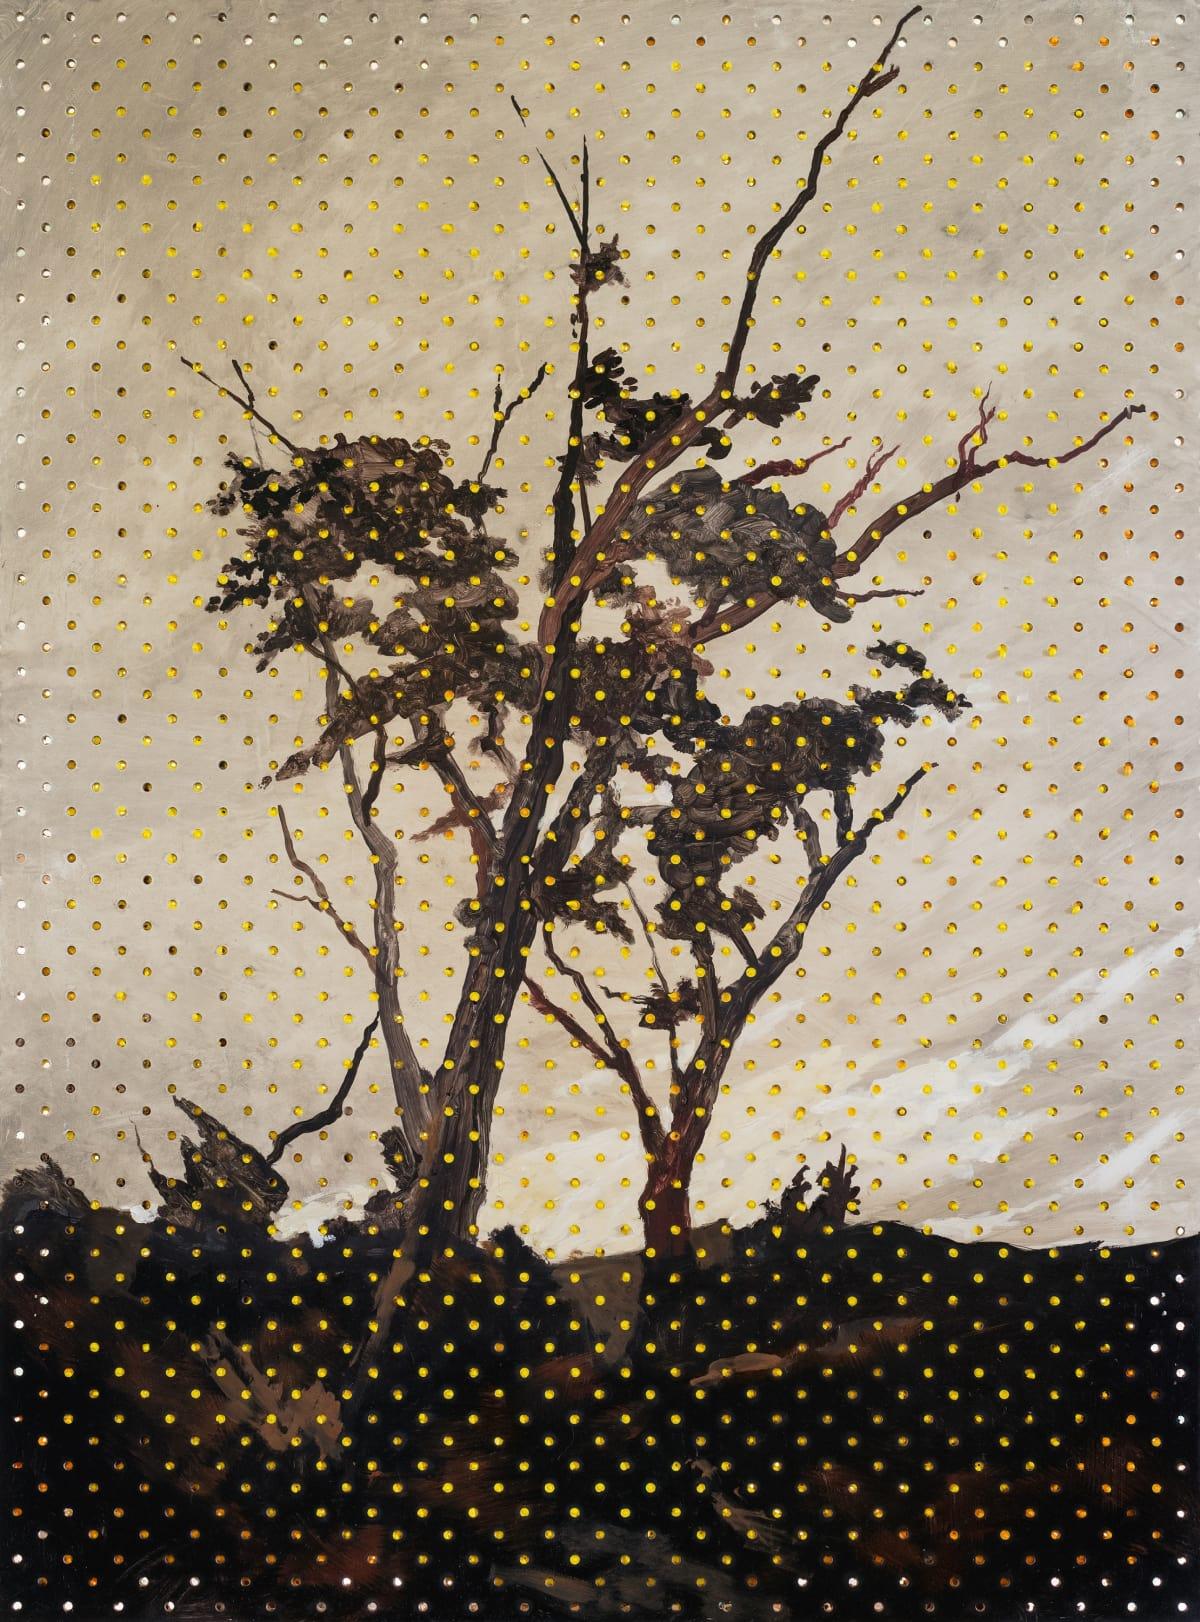 Derek Cowie Van der Velden on Cadmium White, 2017 Oil on peg board 32.9 x 24 in 83.5 x 61 cm